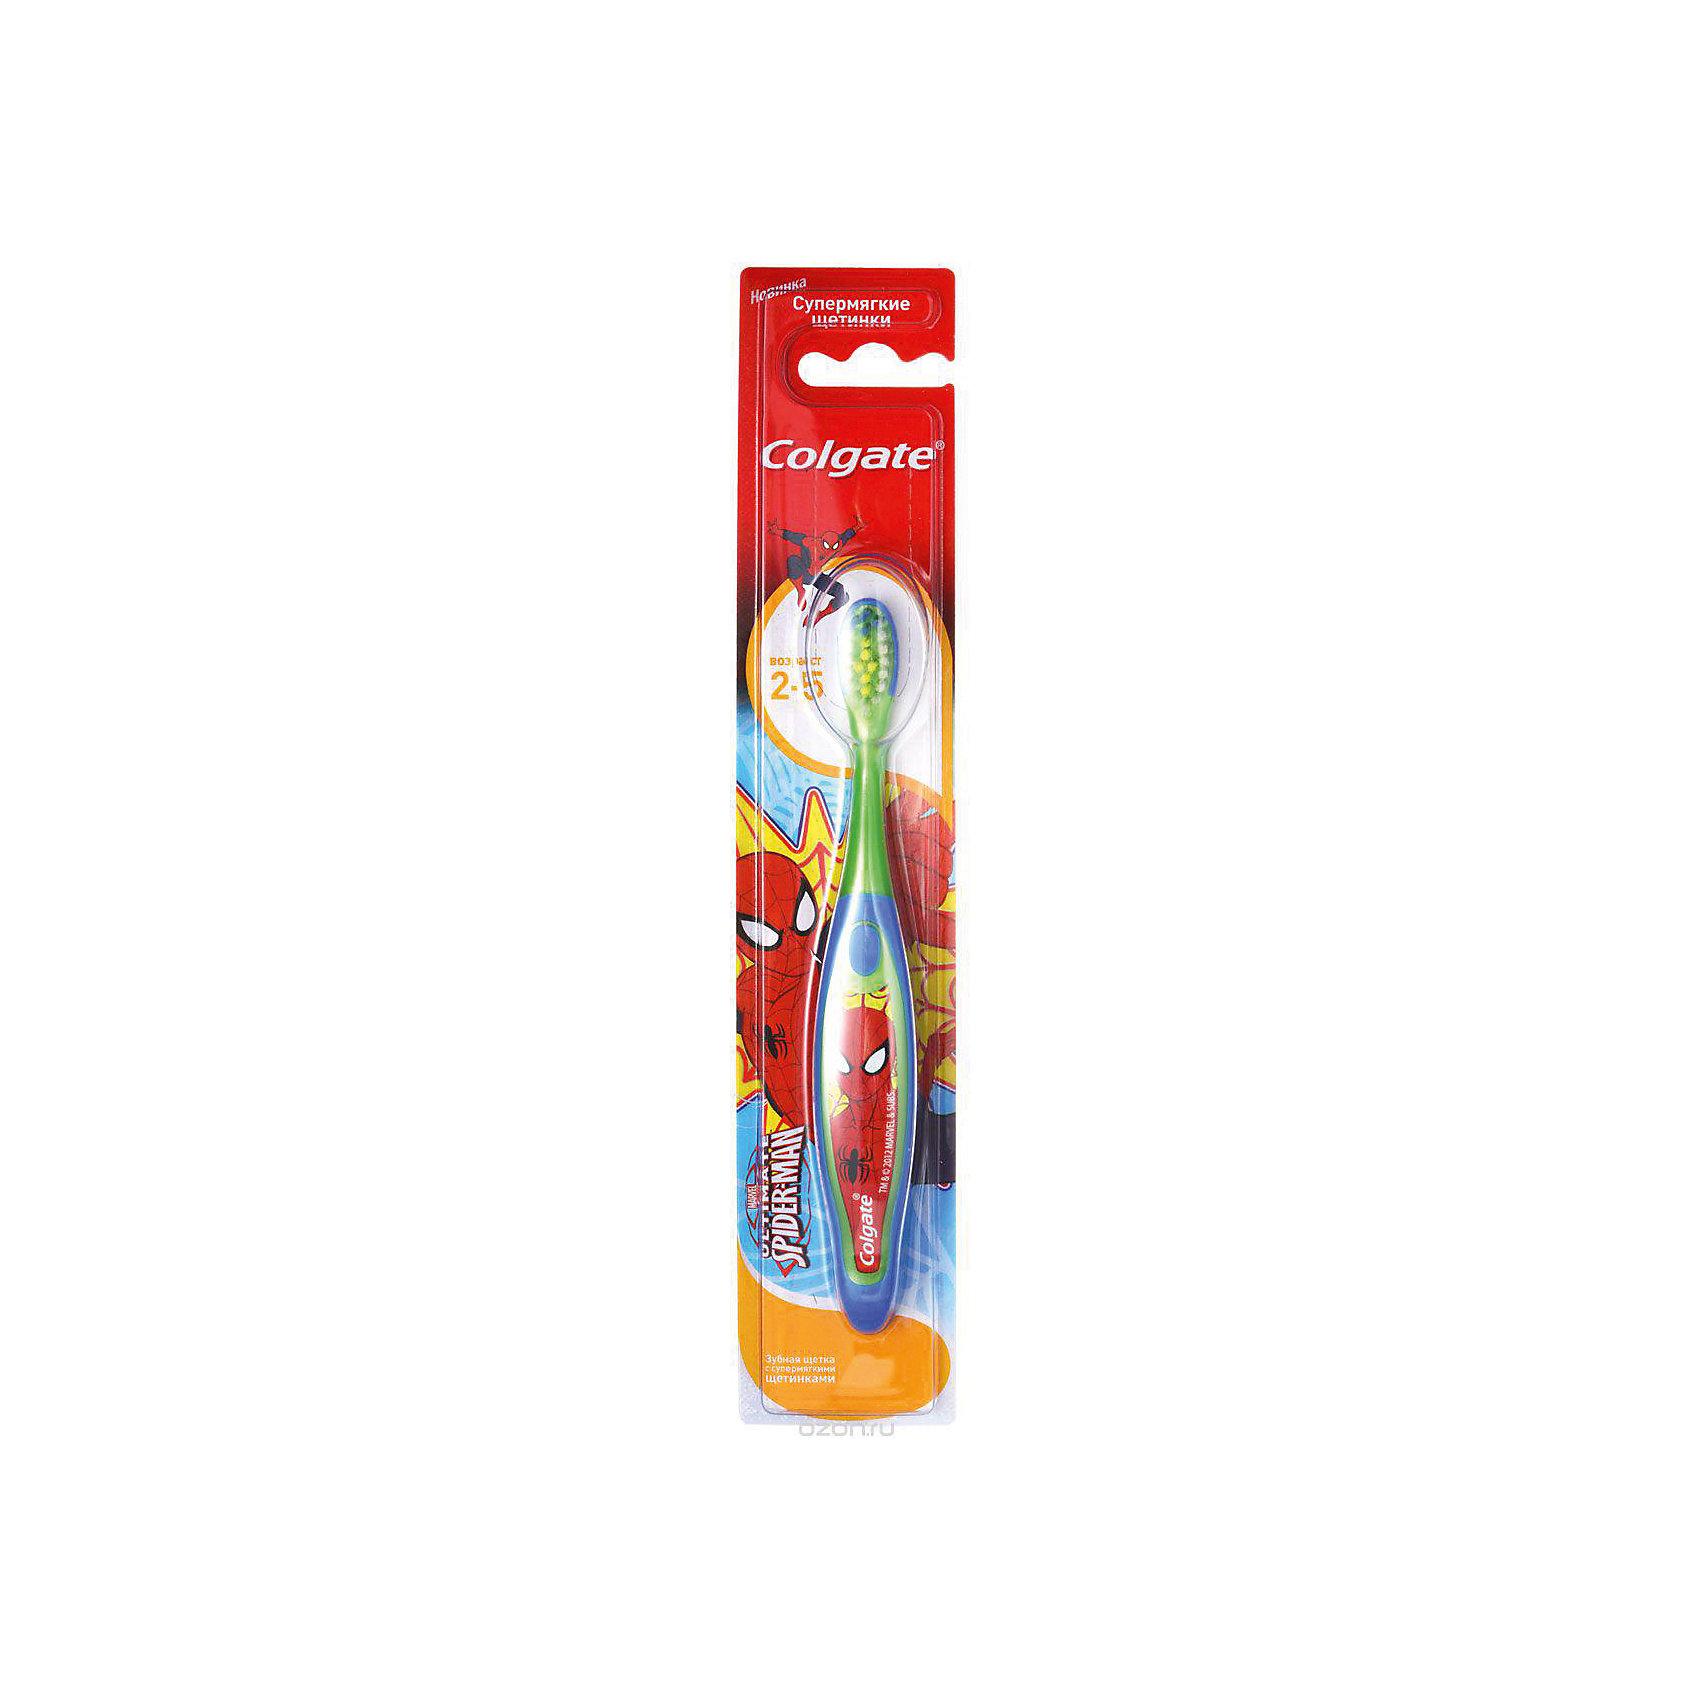 Colgate Зубная щётка для детей от 2 до 5 лет SpiderMan, Colgate, синий/зеленый